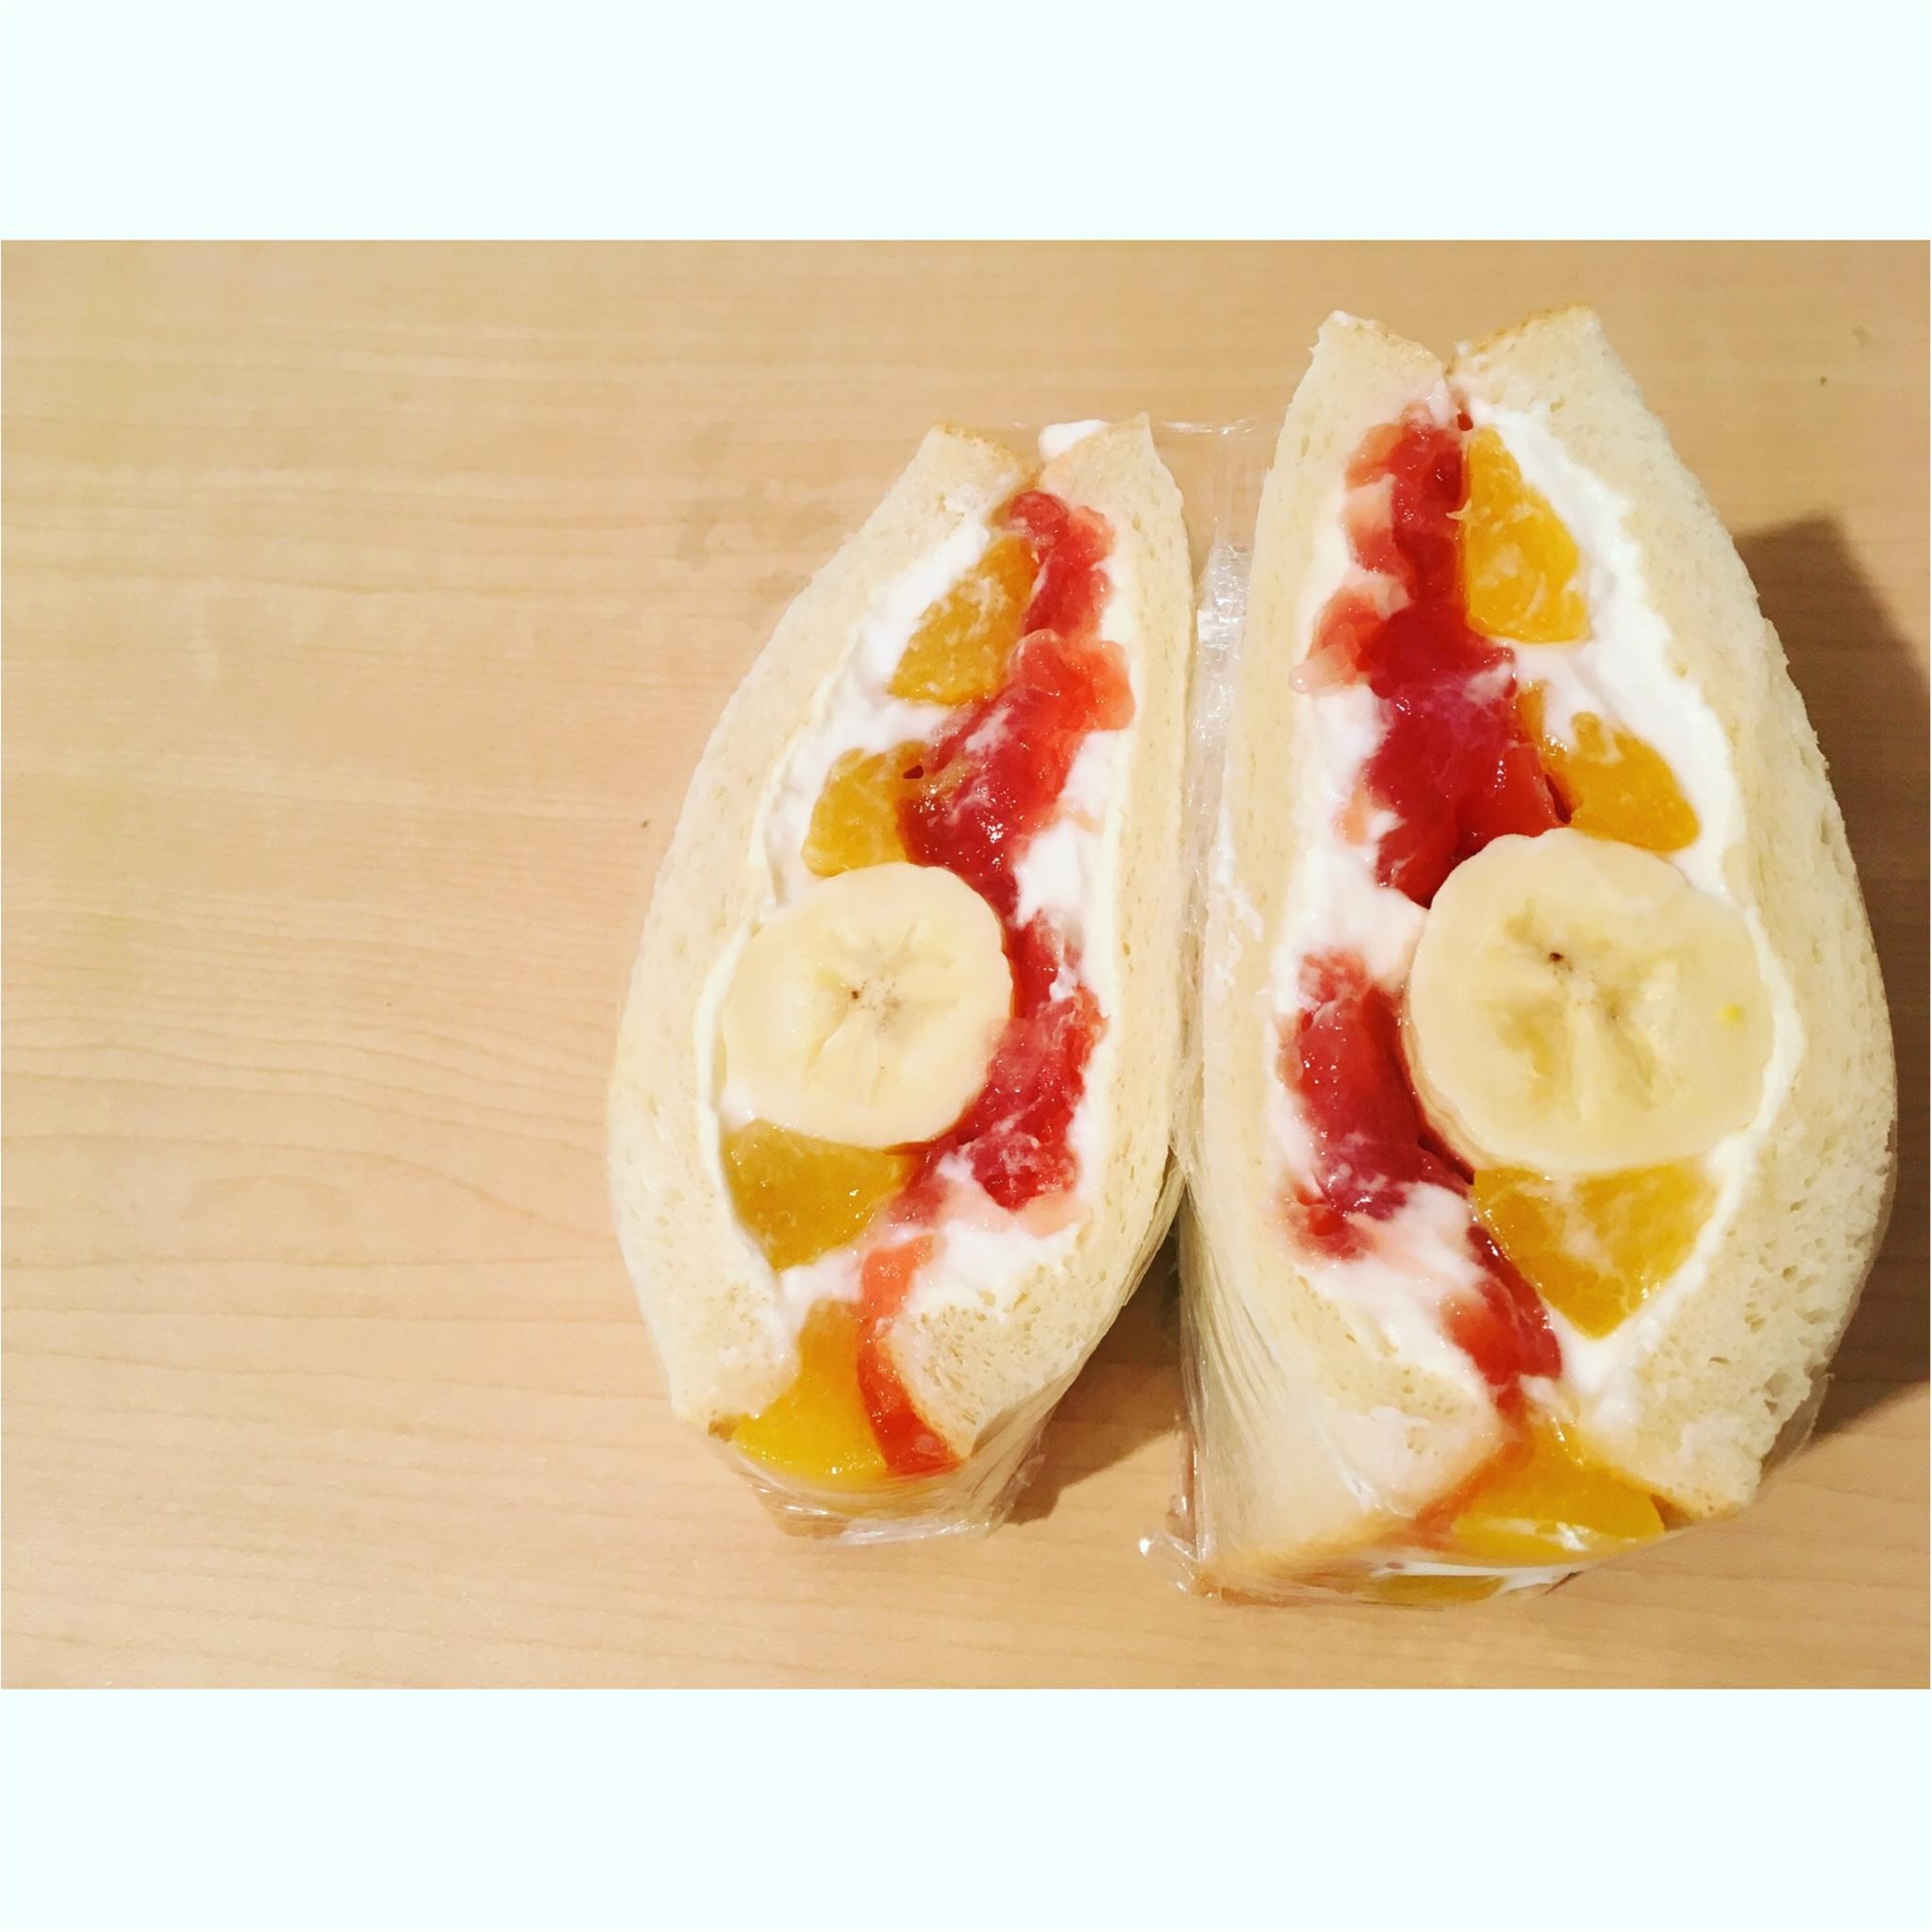 【料理▶︎わんぱくサンド】流行りの「#萌え断」で朝から栄養満点♪私の朝食まとめ☺︎_2